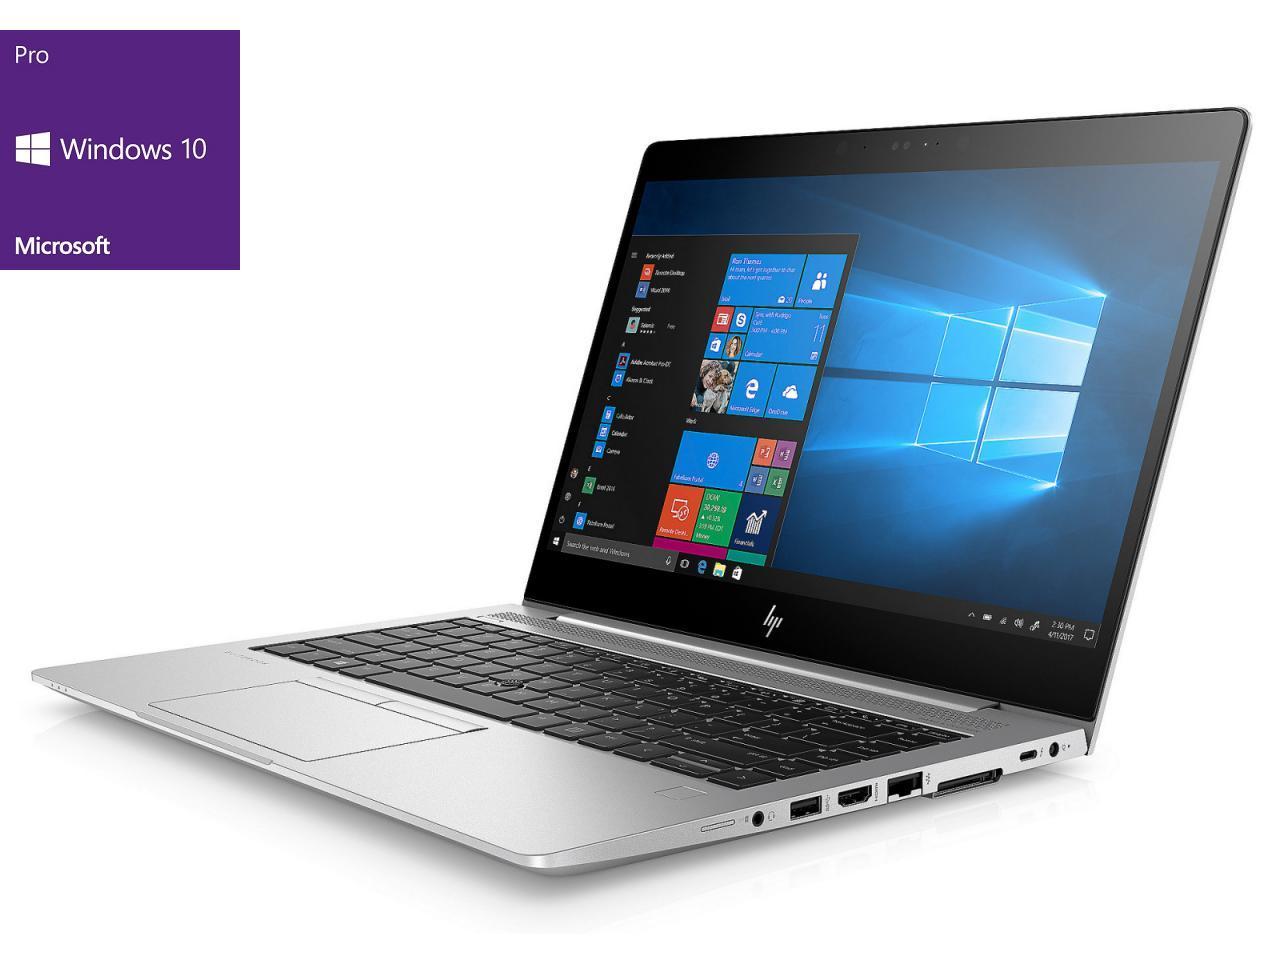 Hewlett Packard EliteBook 840 G5  - shop.bb-net.de